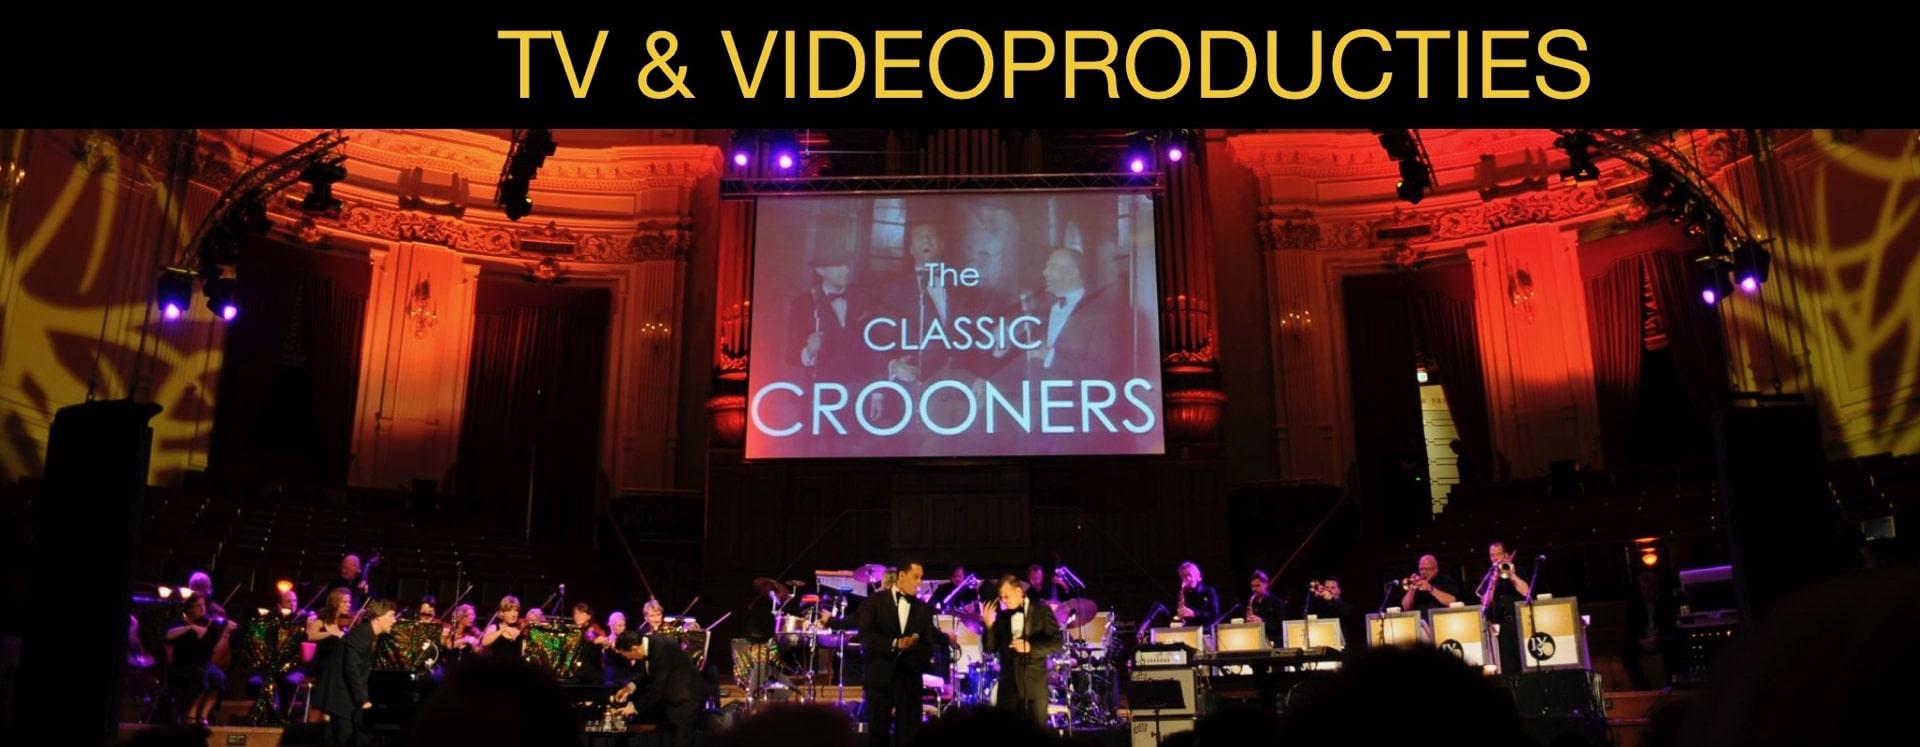 4YourEvents Slider TV & Videoproducties Homepage